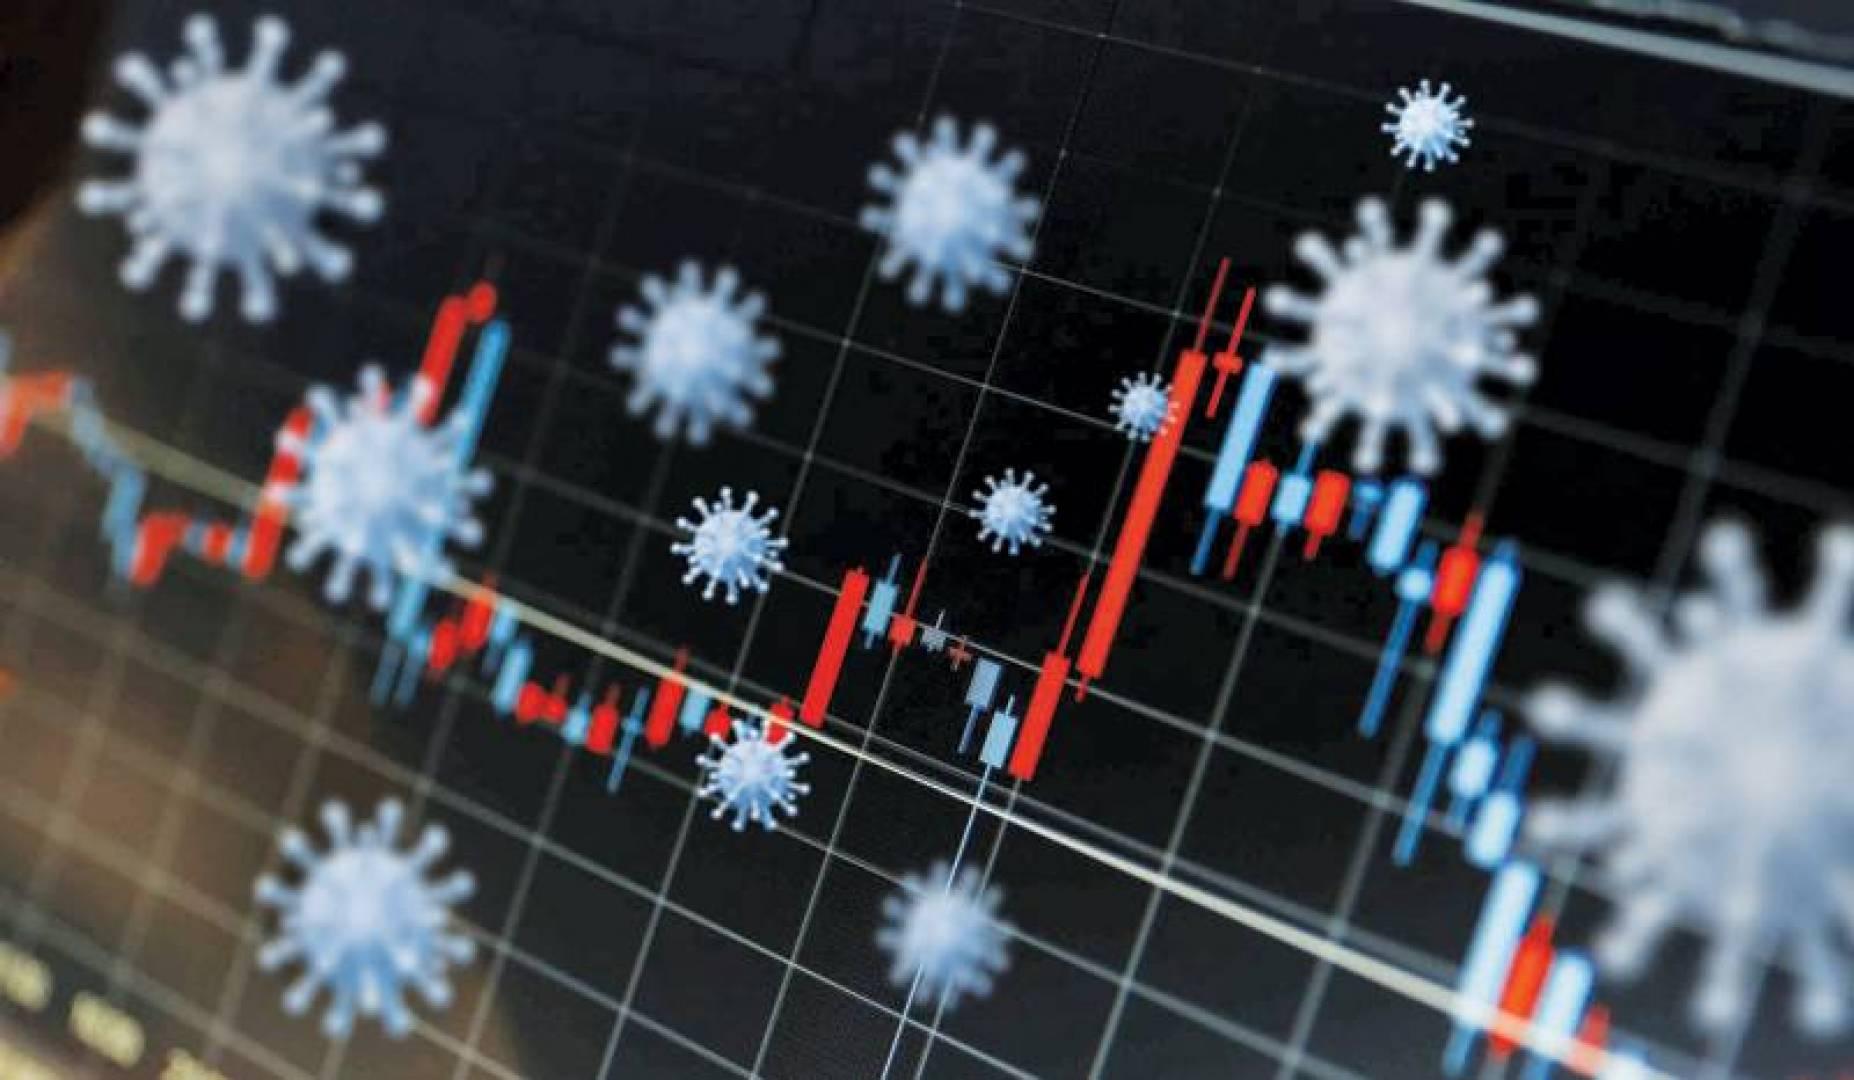 انهيار أسعار الأسهم أوقد شرارة تدافع على السيولة.. وقطاعات الأعمال أُصيبت بالركود